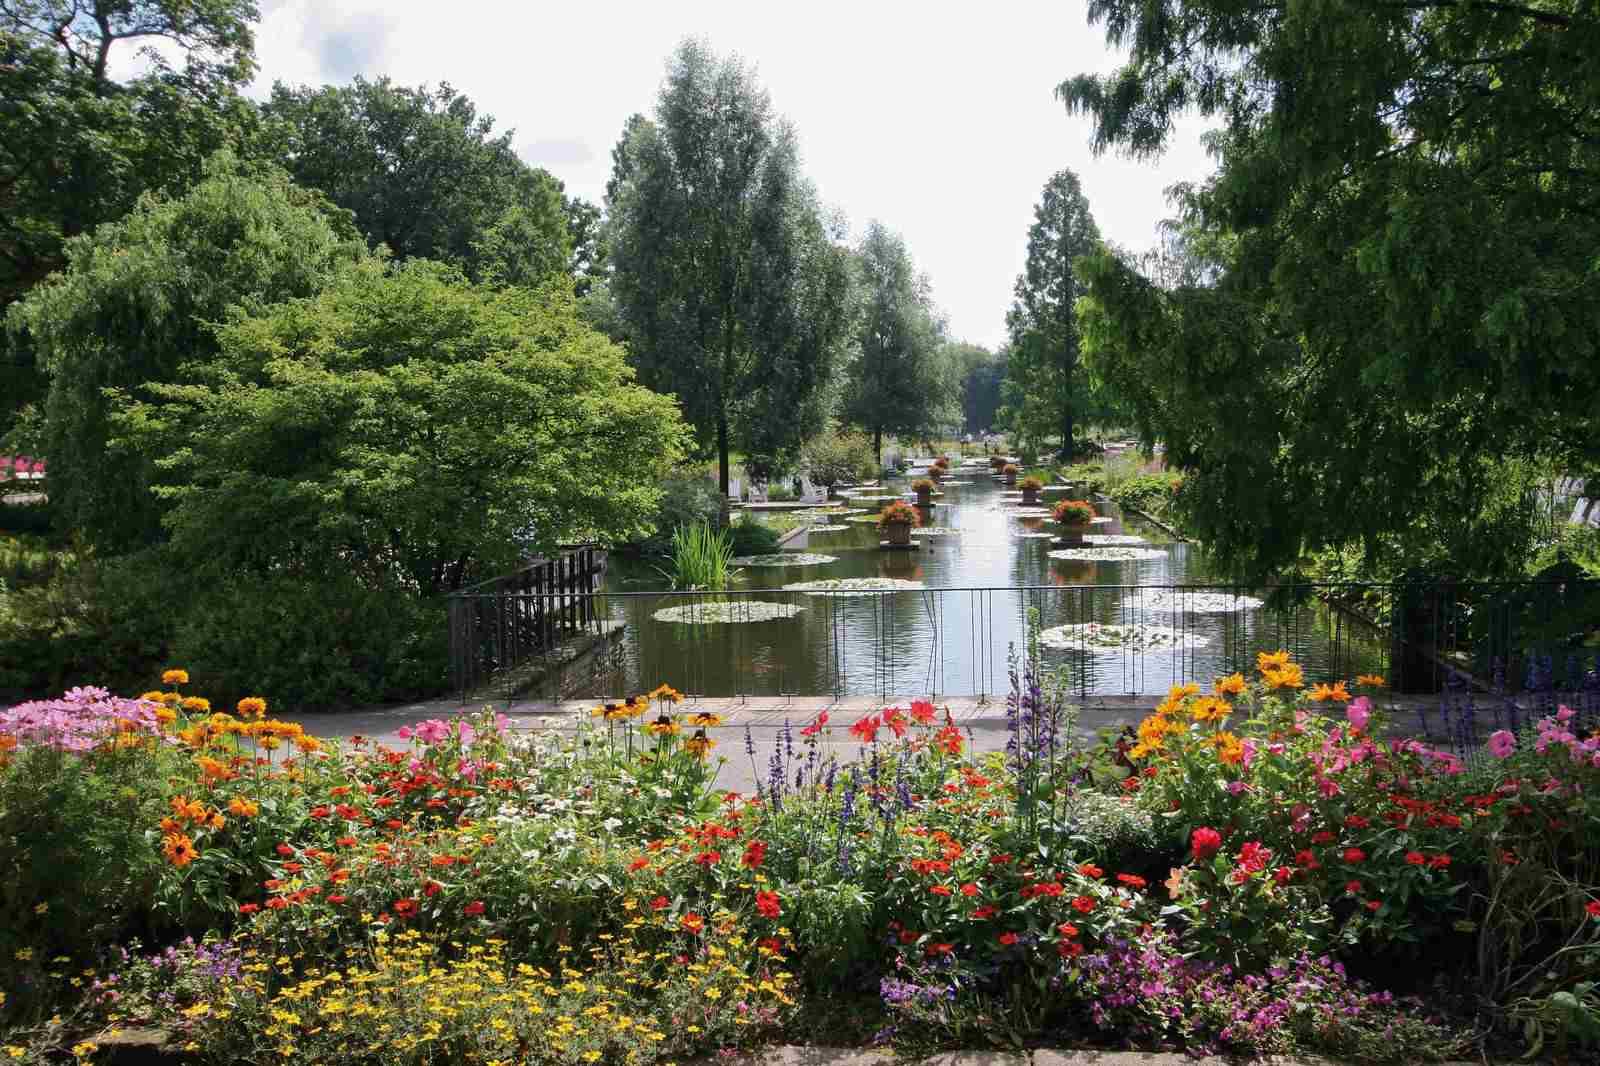 Best Gardens in Germany